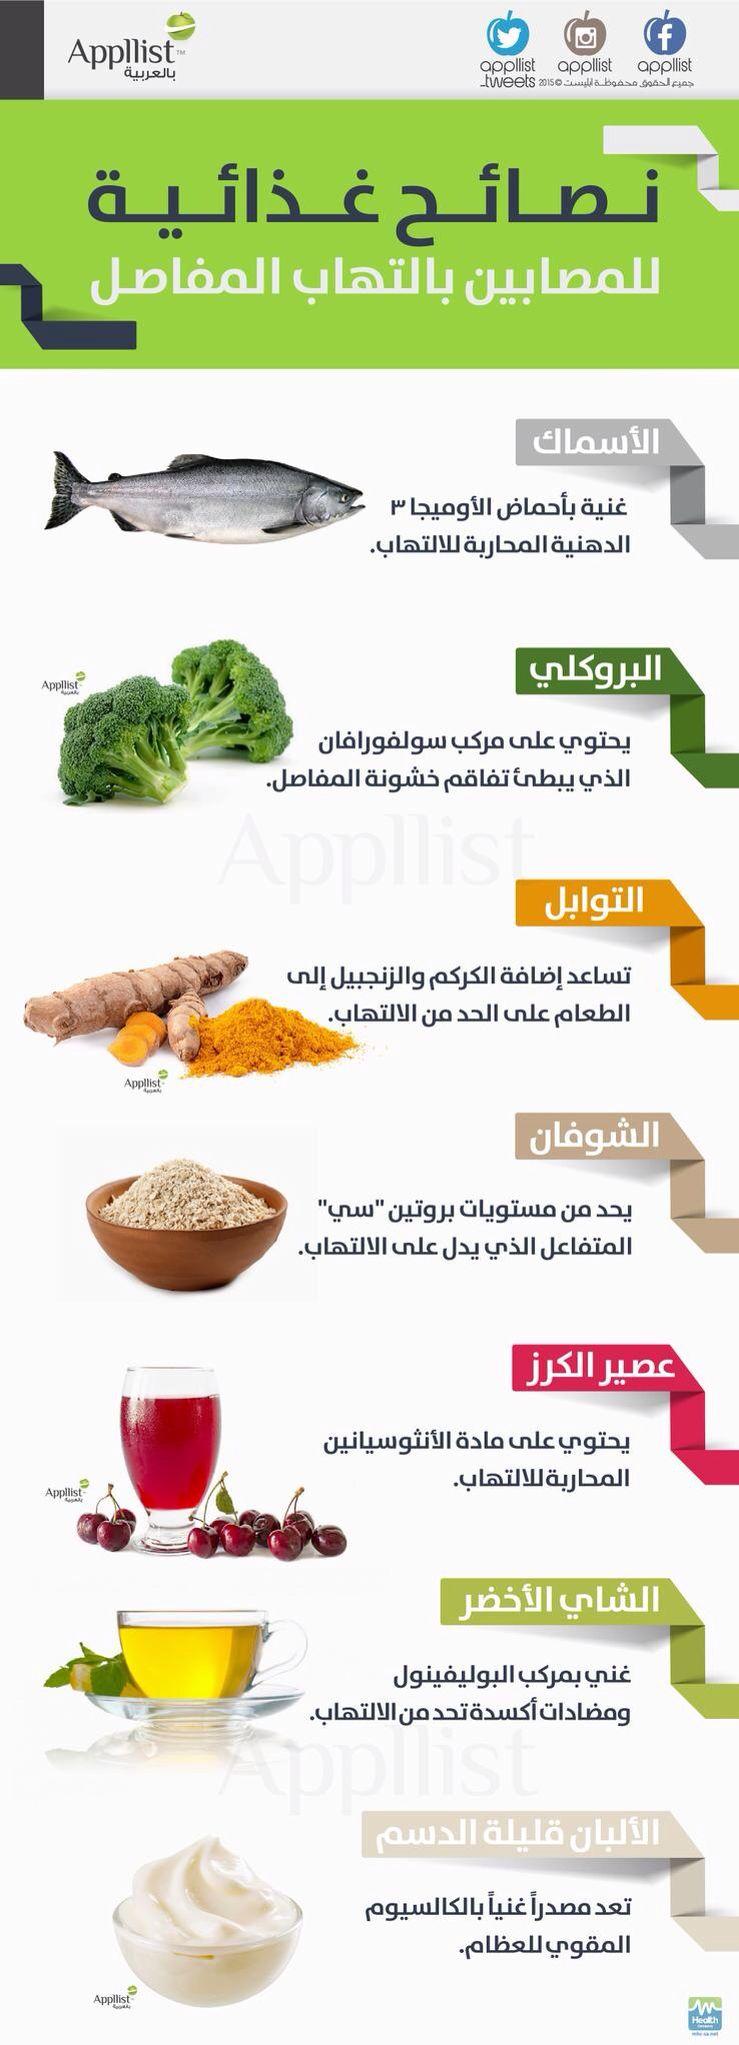 نصائح غذائية للمصابين بالتهاب المفاصل Health Fitness Nutrition Health Facts Food Health And Nutrition